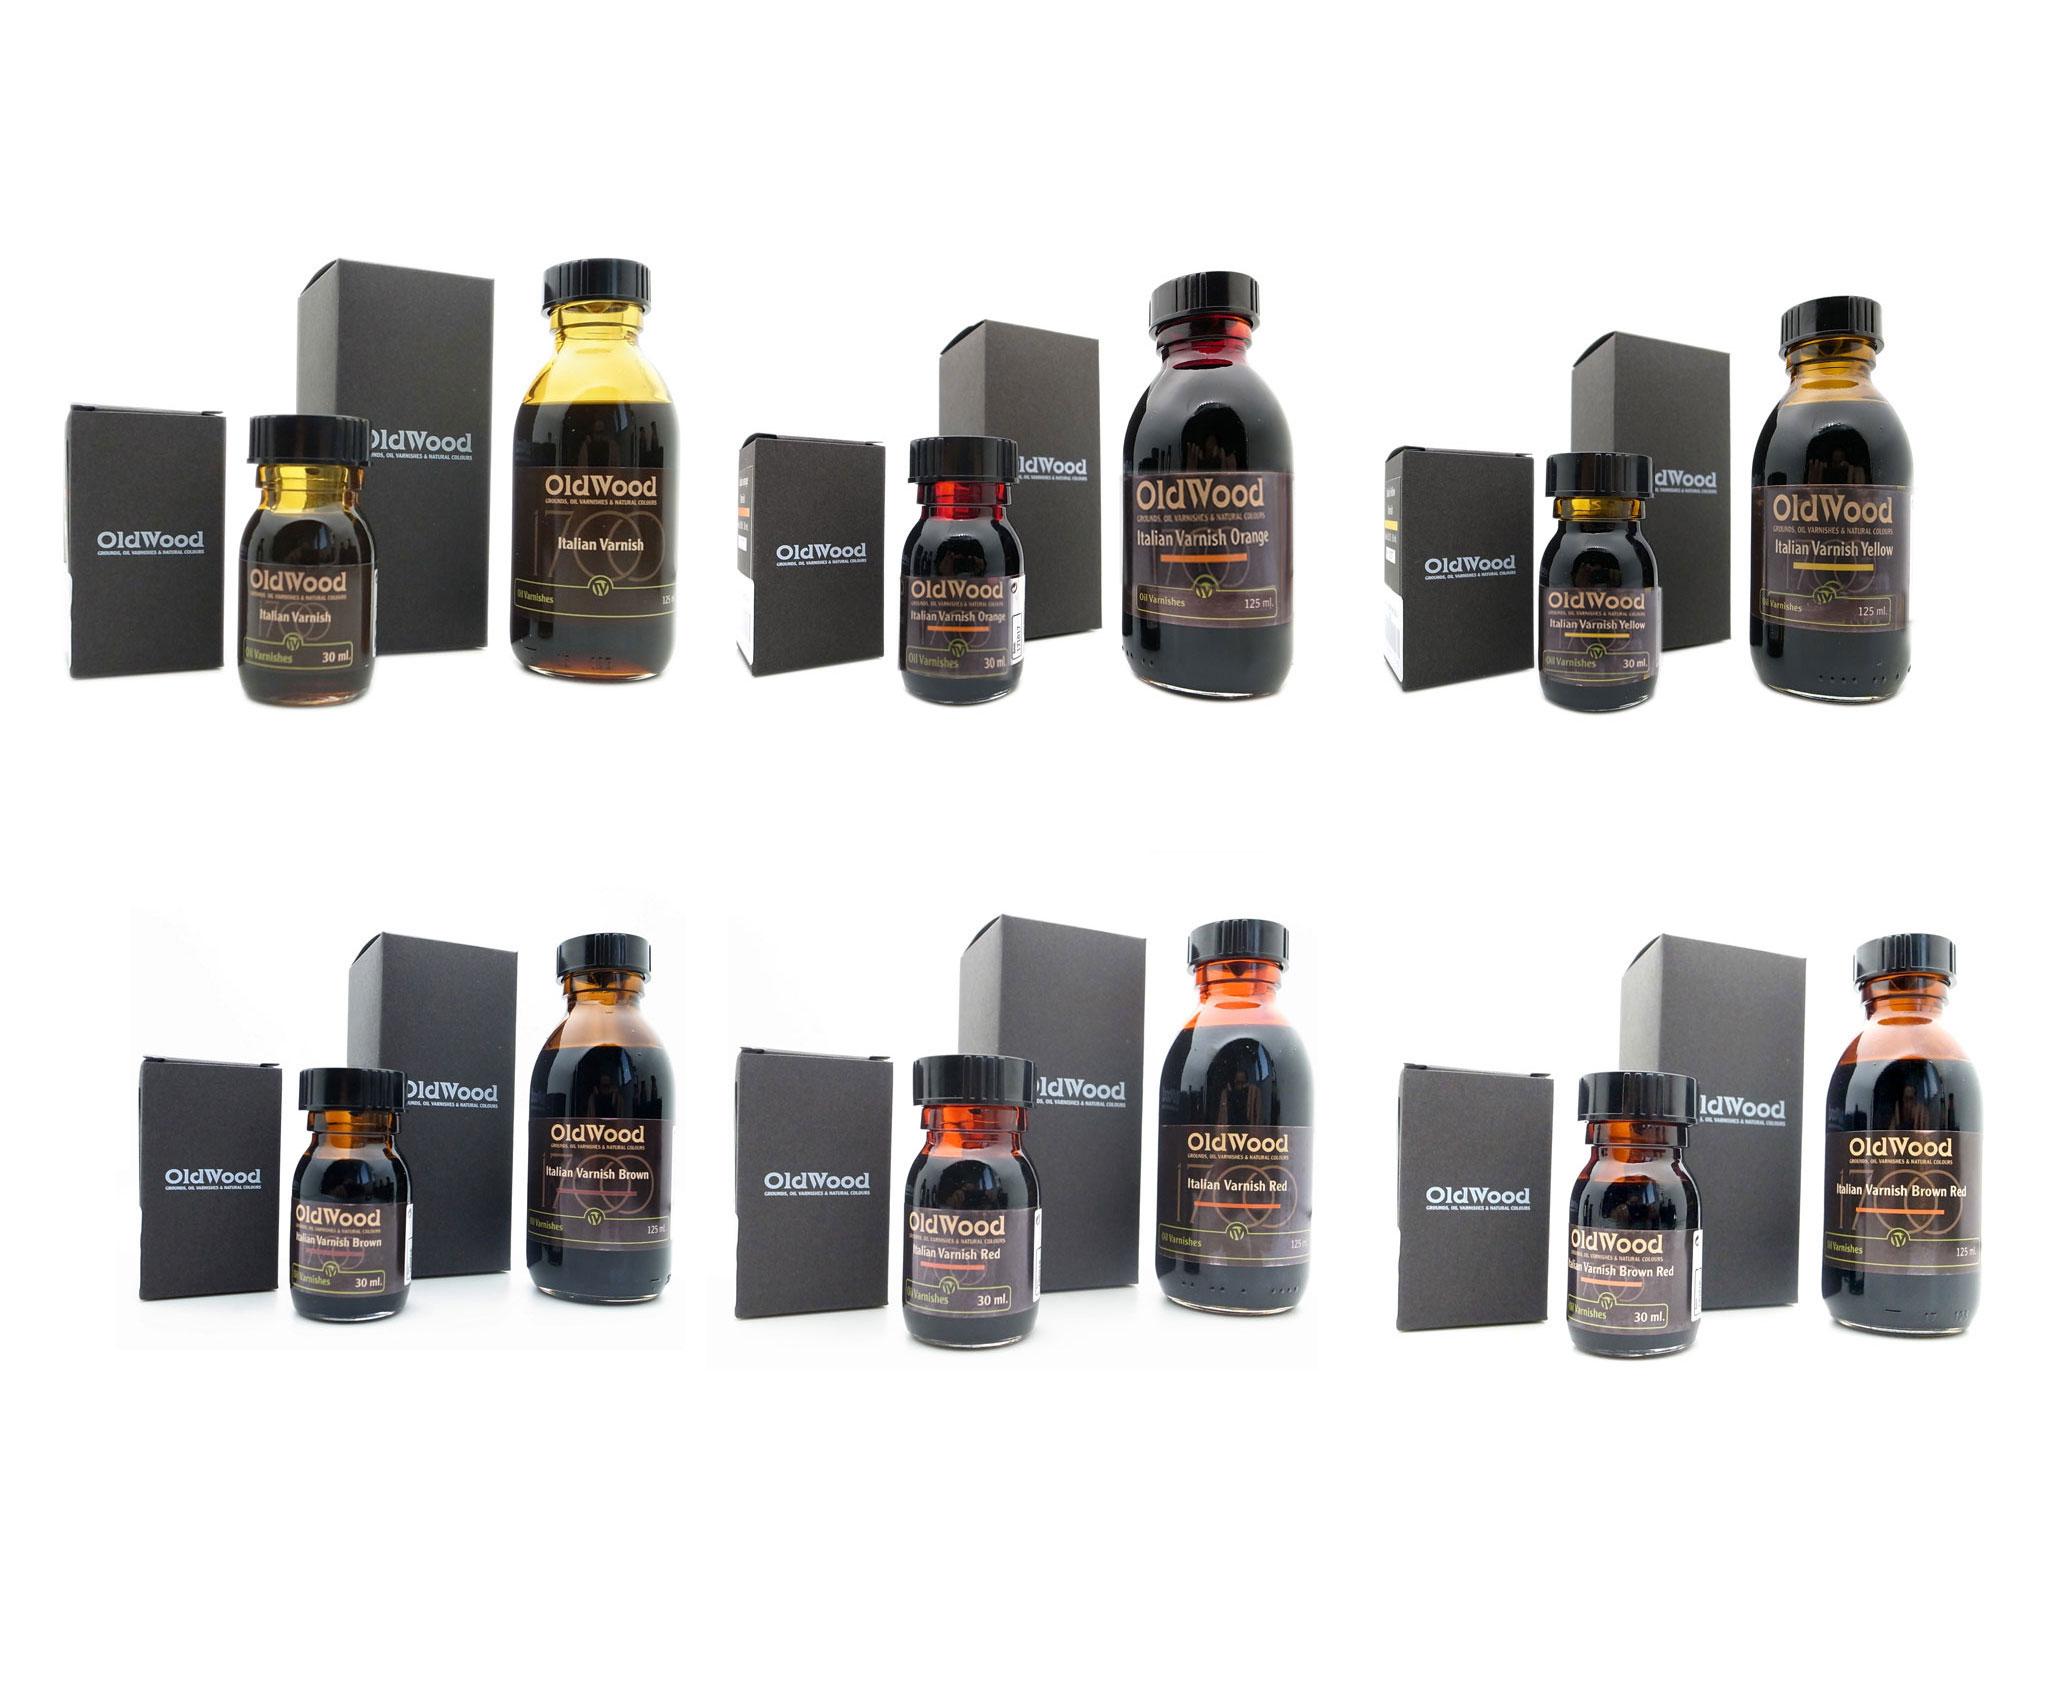 OldWood 意大利油性漆 多色可选送稀释剂